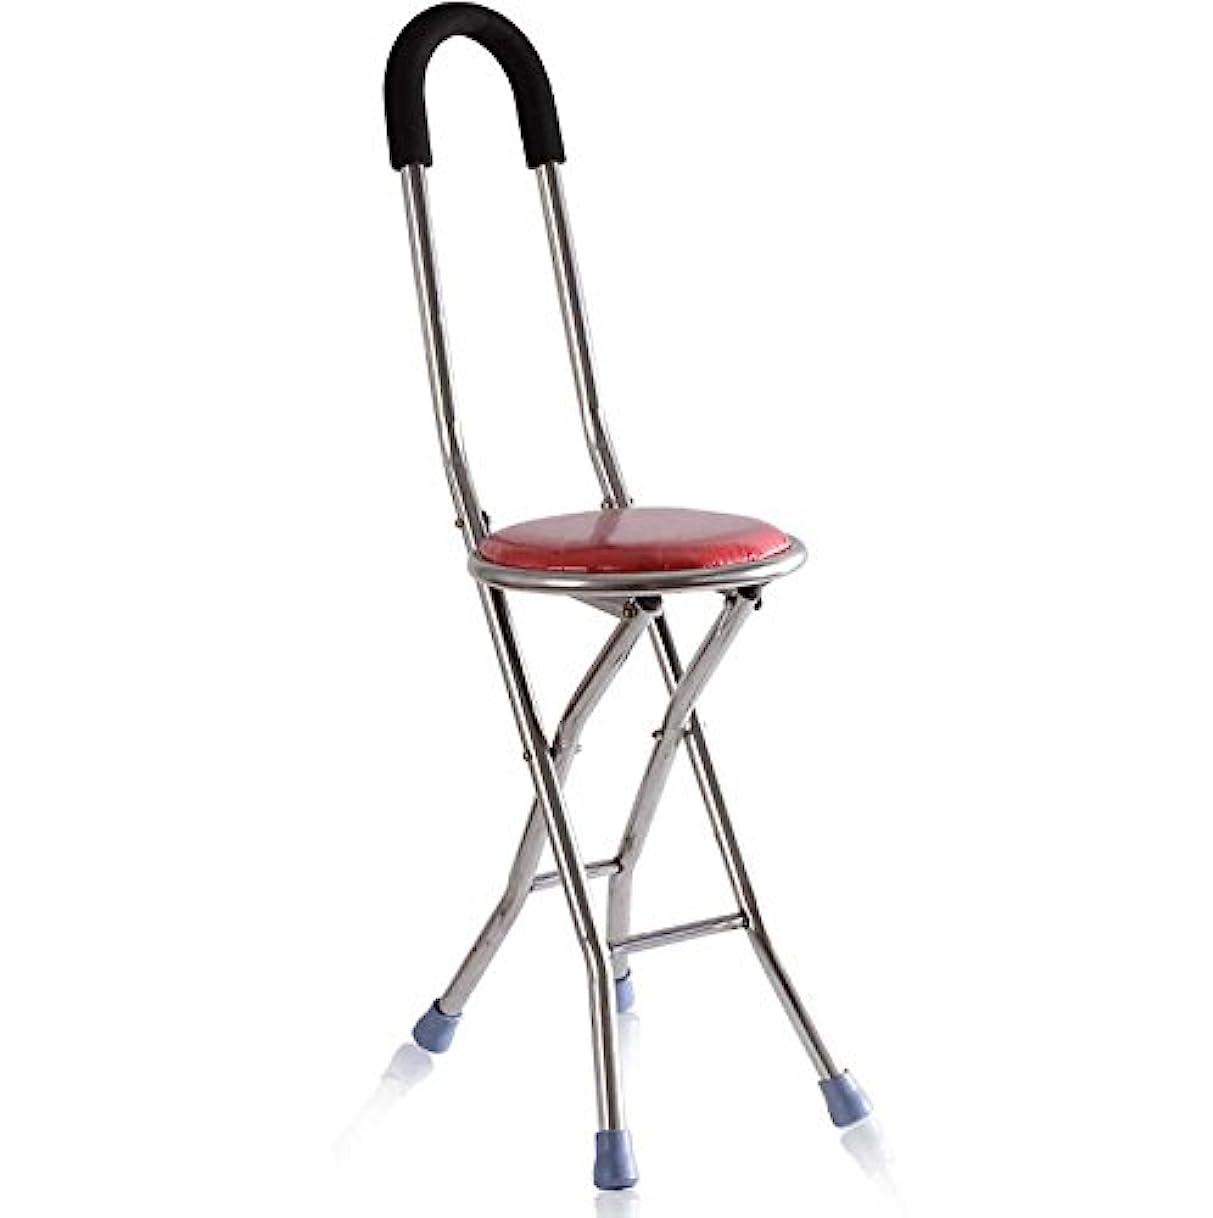 サーフィンサーフィン保証金onfly Folding Walking Stick StoolステンレススチールCane Stoolスツール4-legged elderlyポータブル松葉杖スツールノンスリップ多目的折りたたみシートCane